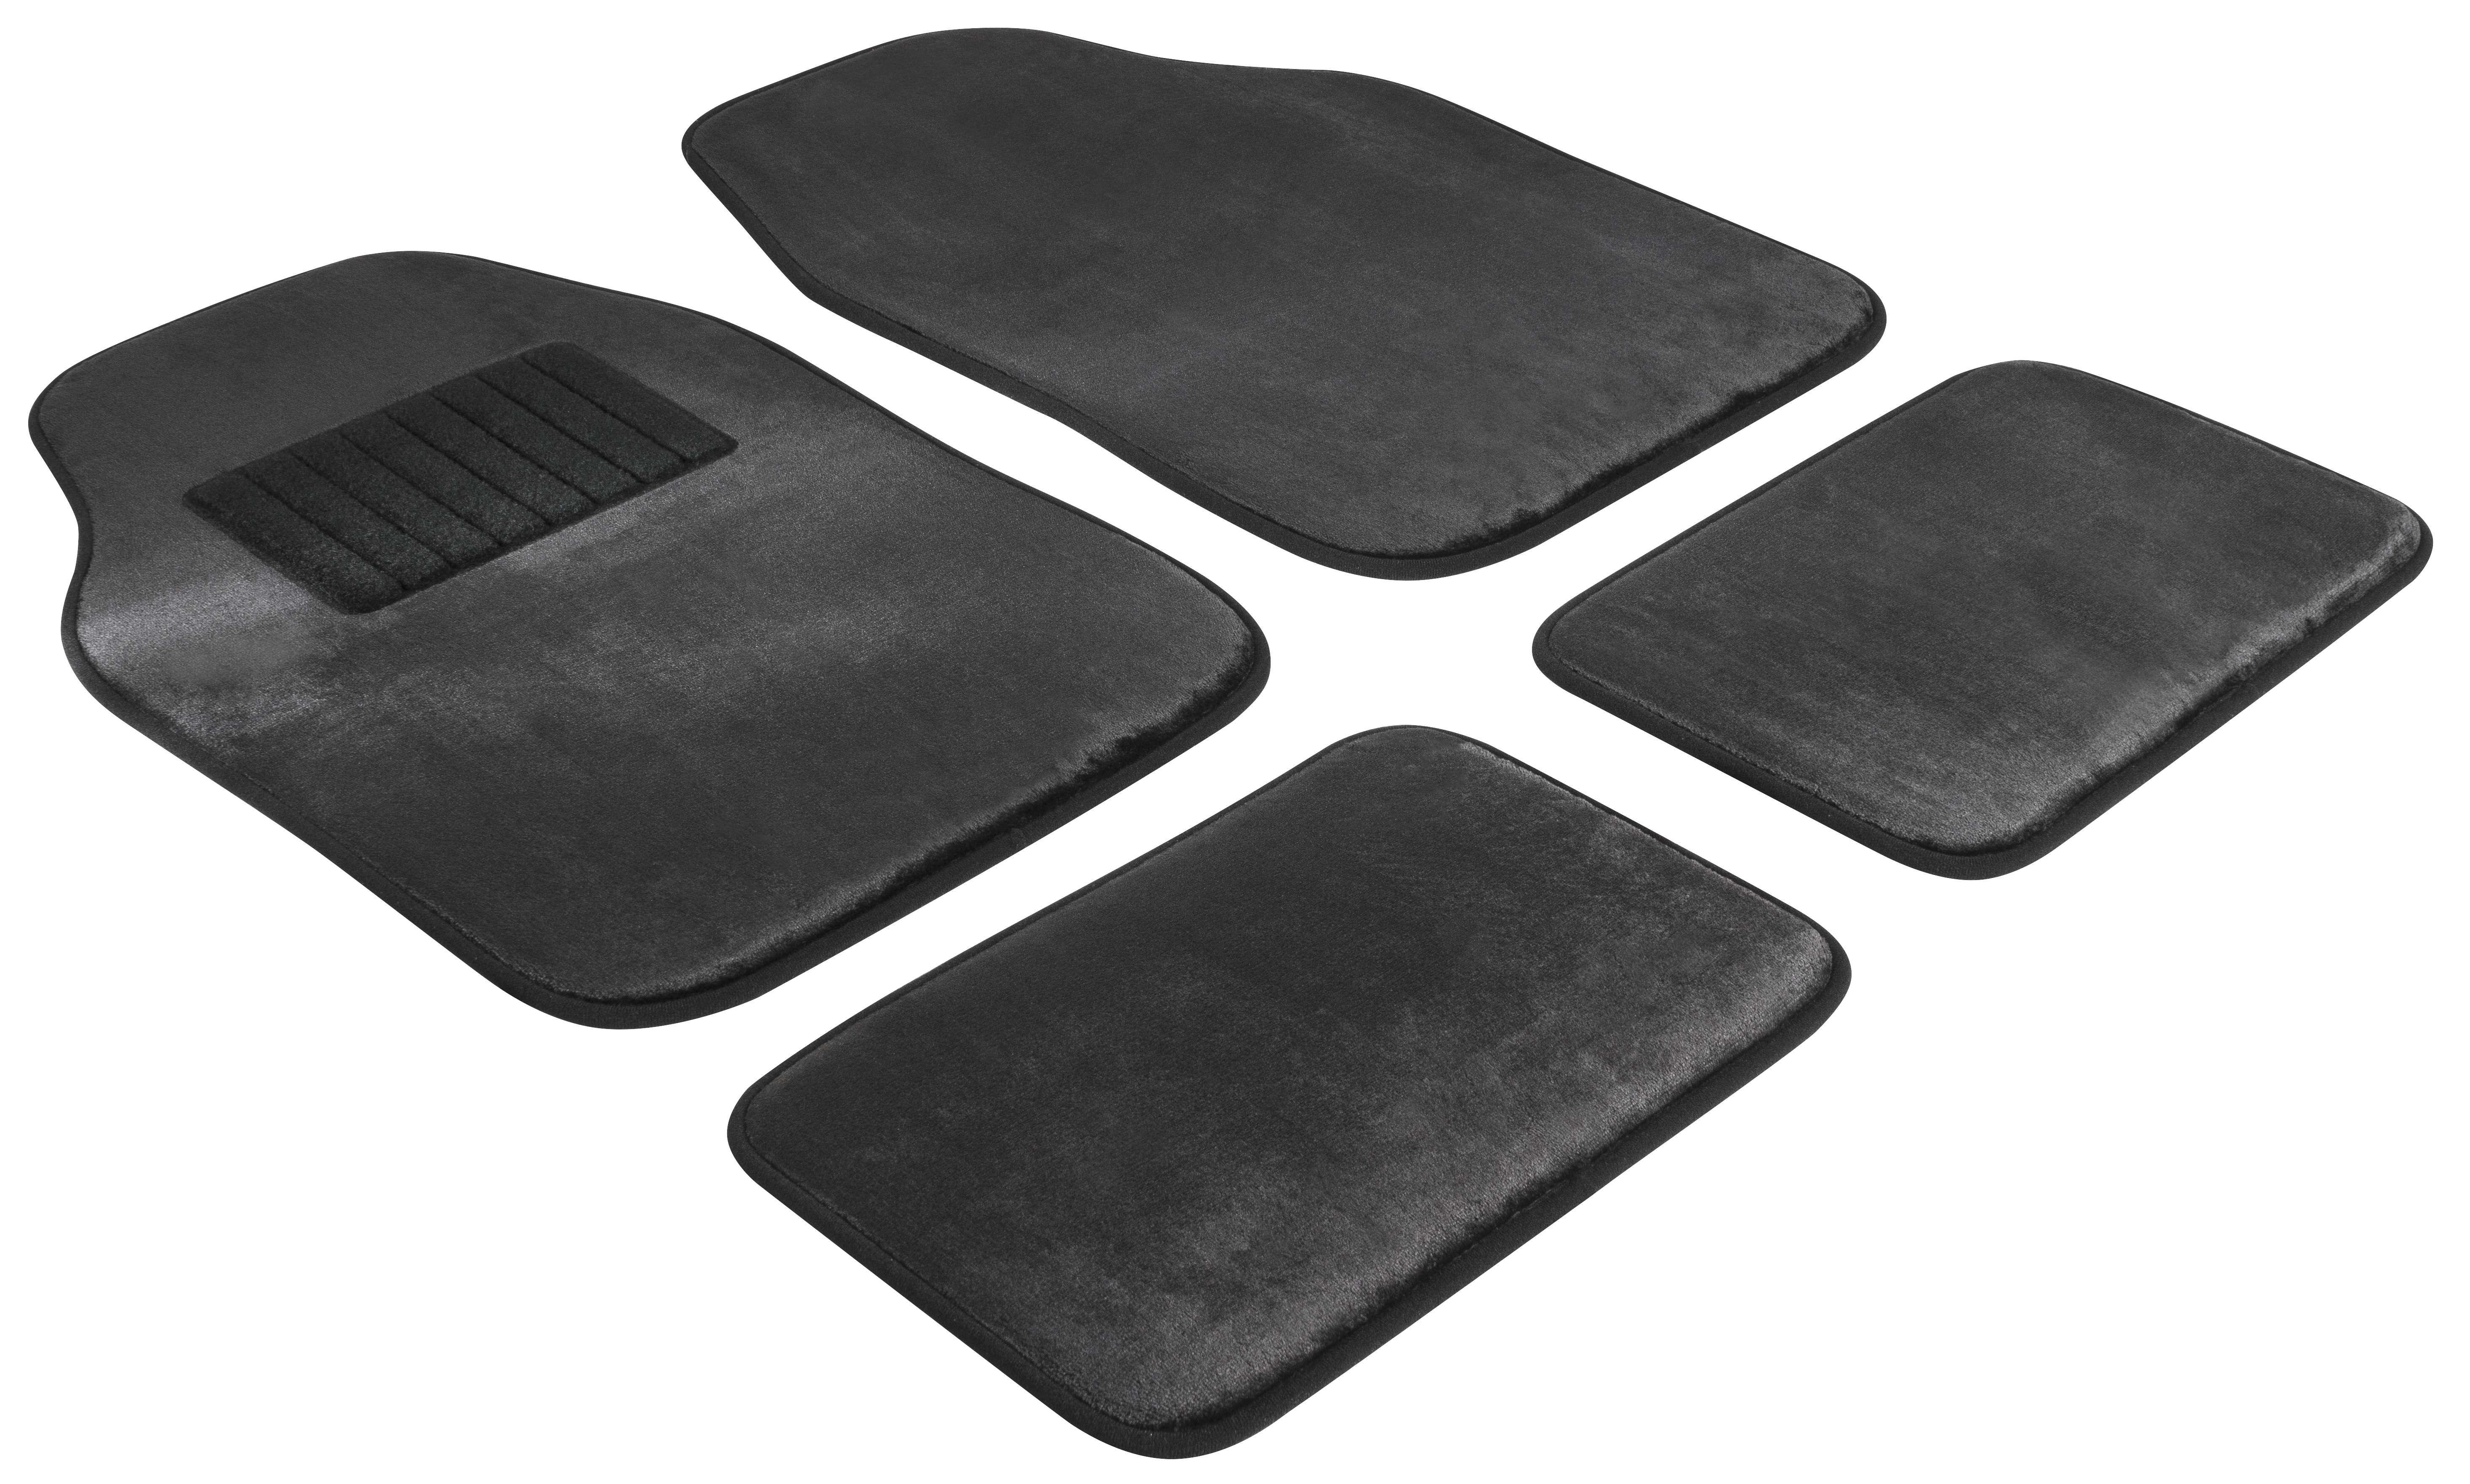 29045 WALSER Universeel geschikt, Washer Velor 8 mm, Textiel, voor en achter, Aantal: 4, Zwart Vloermatset 29045